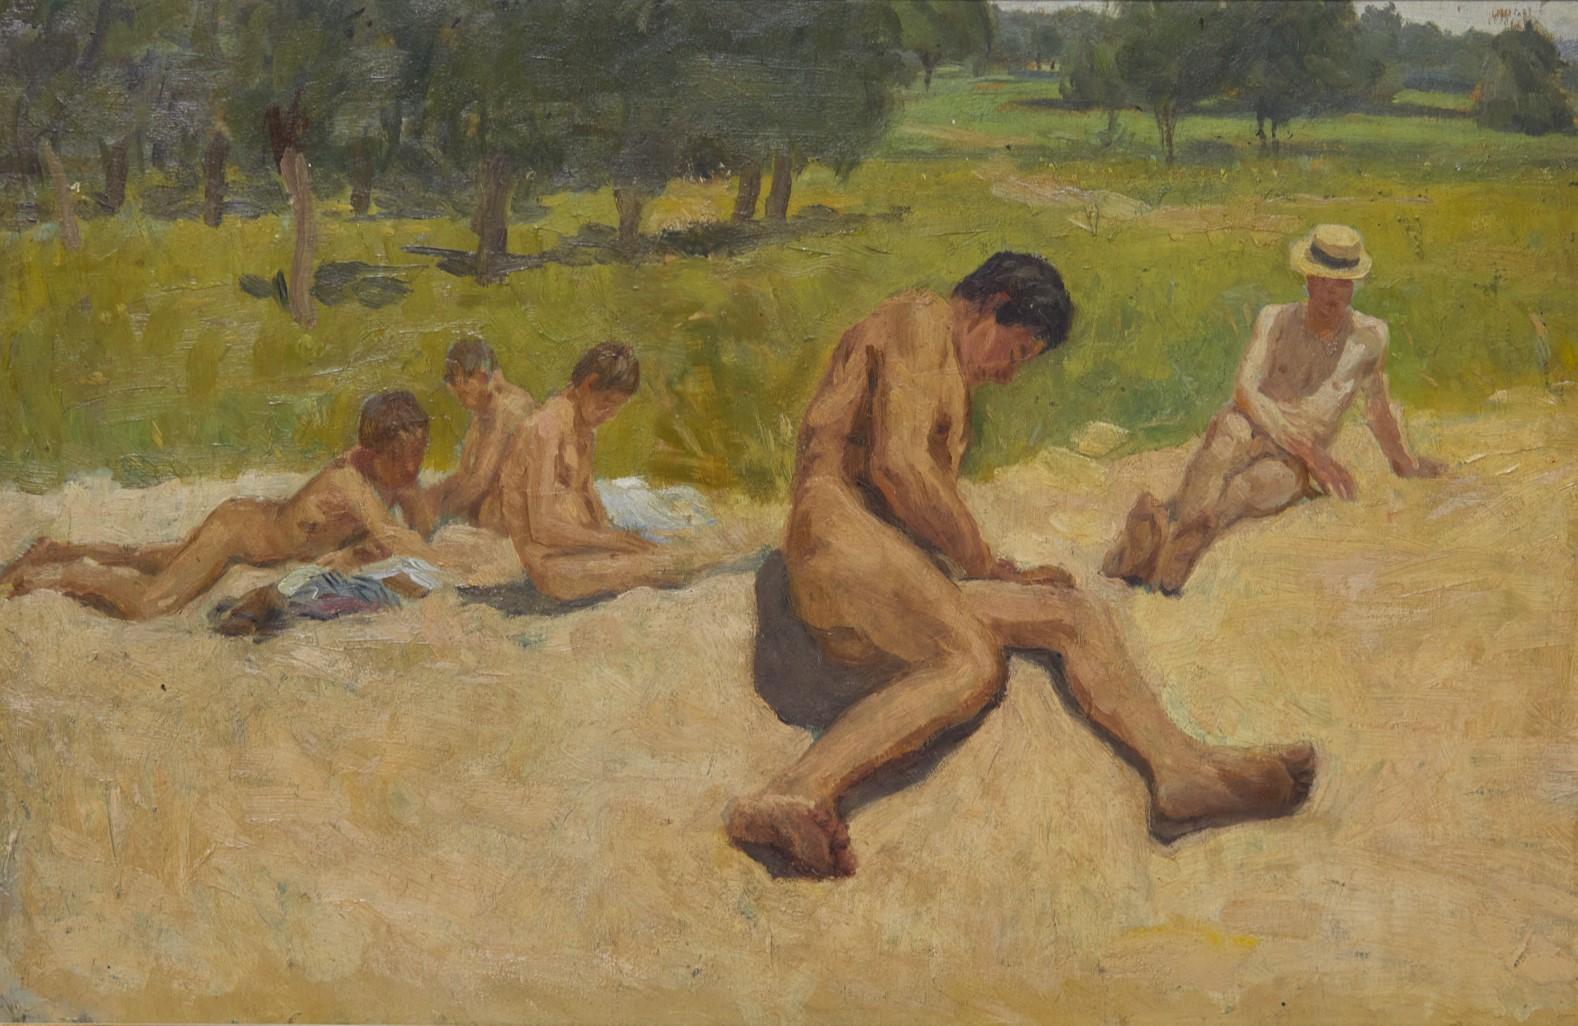 Семейството на художника на нудистки плаж, от Станю Стаматов, 1921